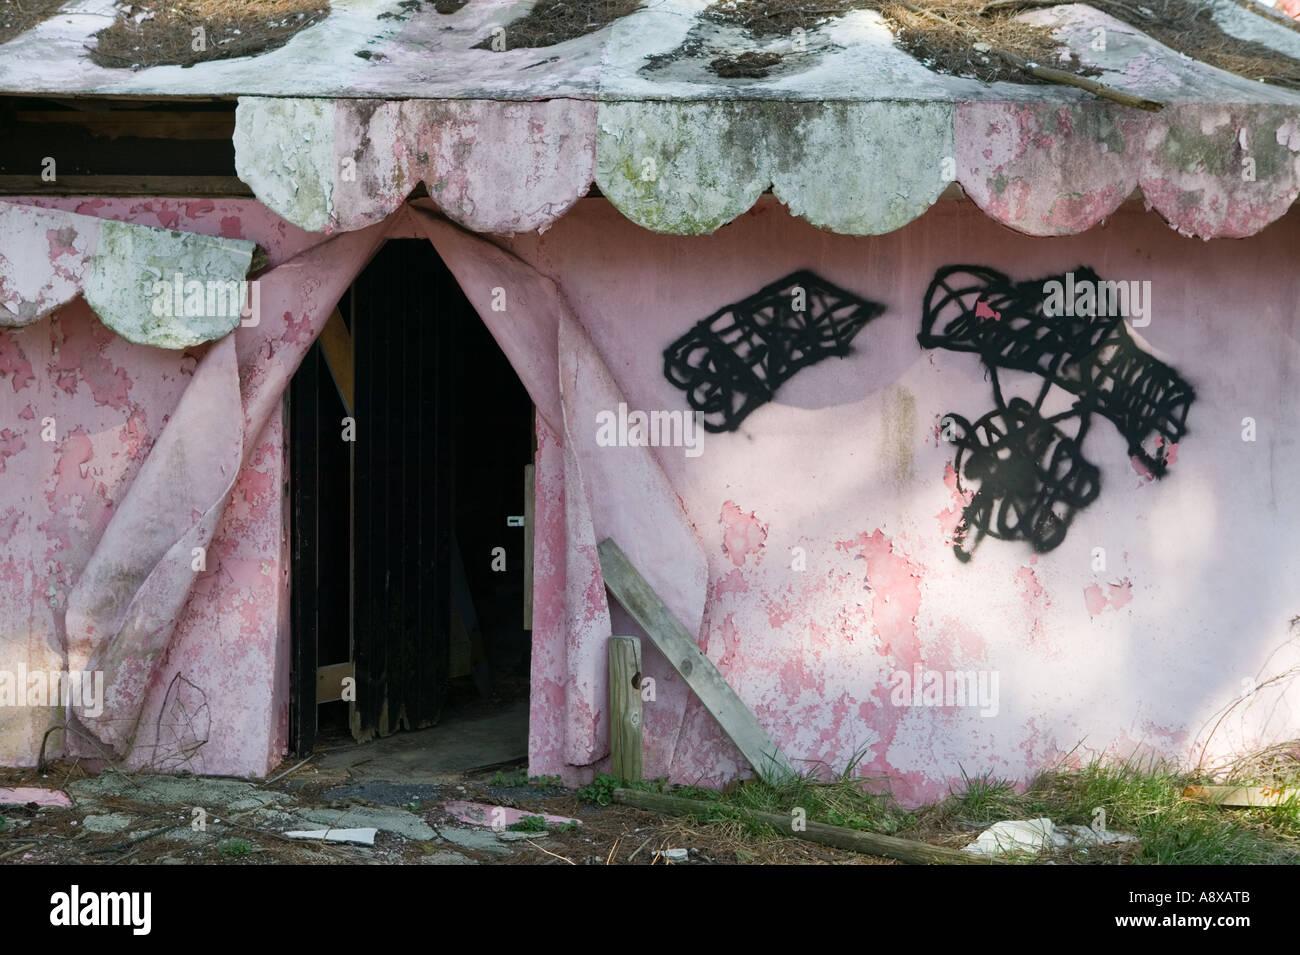 Abandoned carousel The Enchanted Forest Ellicott City Maryland - Stock Image